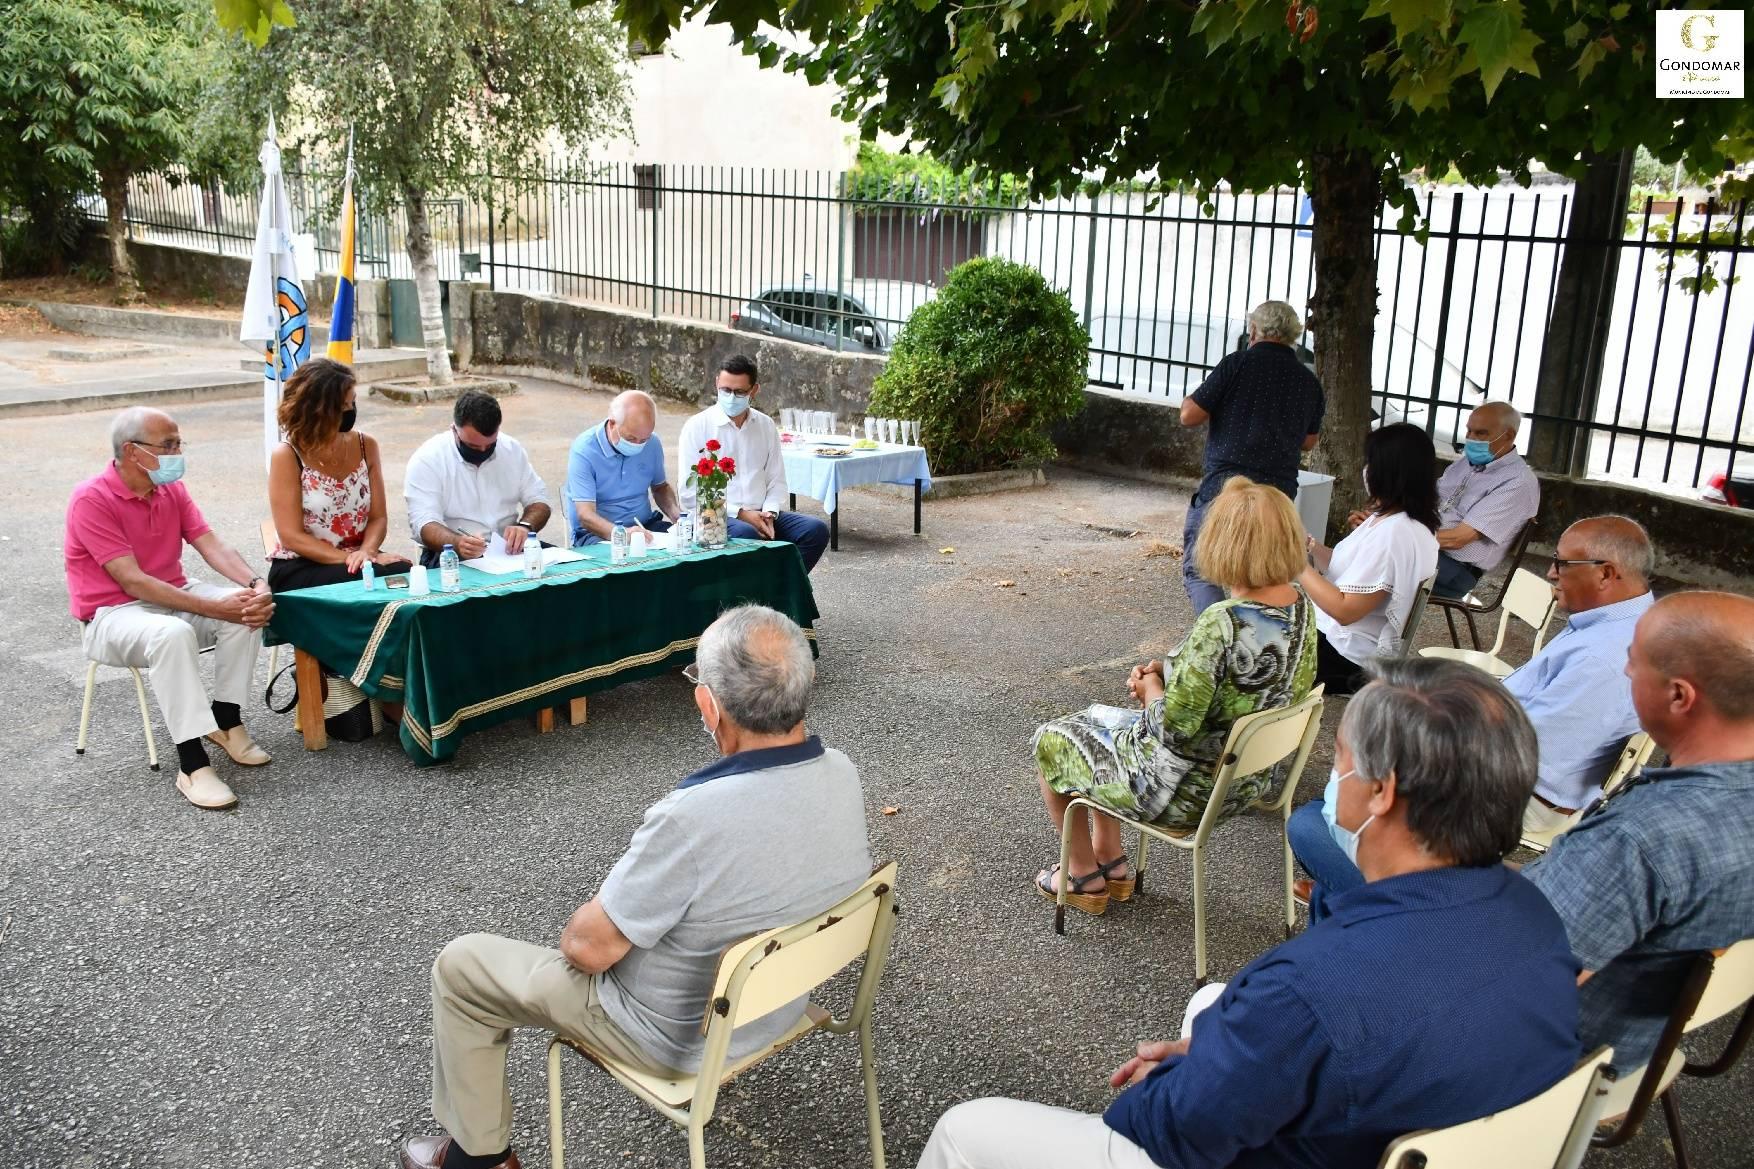 Assinado o Contrato de Comodato com a Federação das Colectividades do Concelho de Gondomar